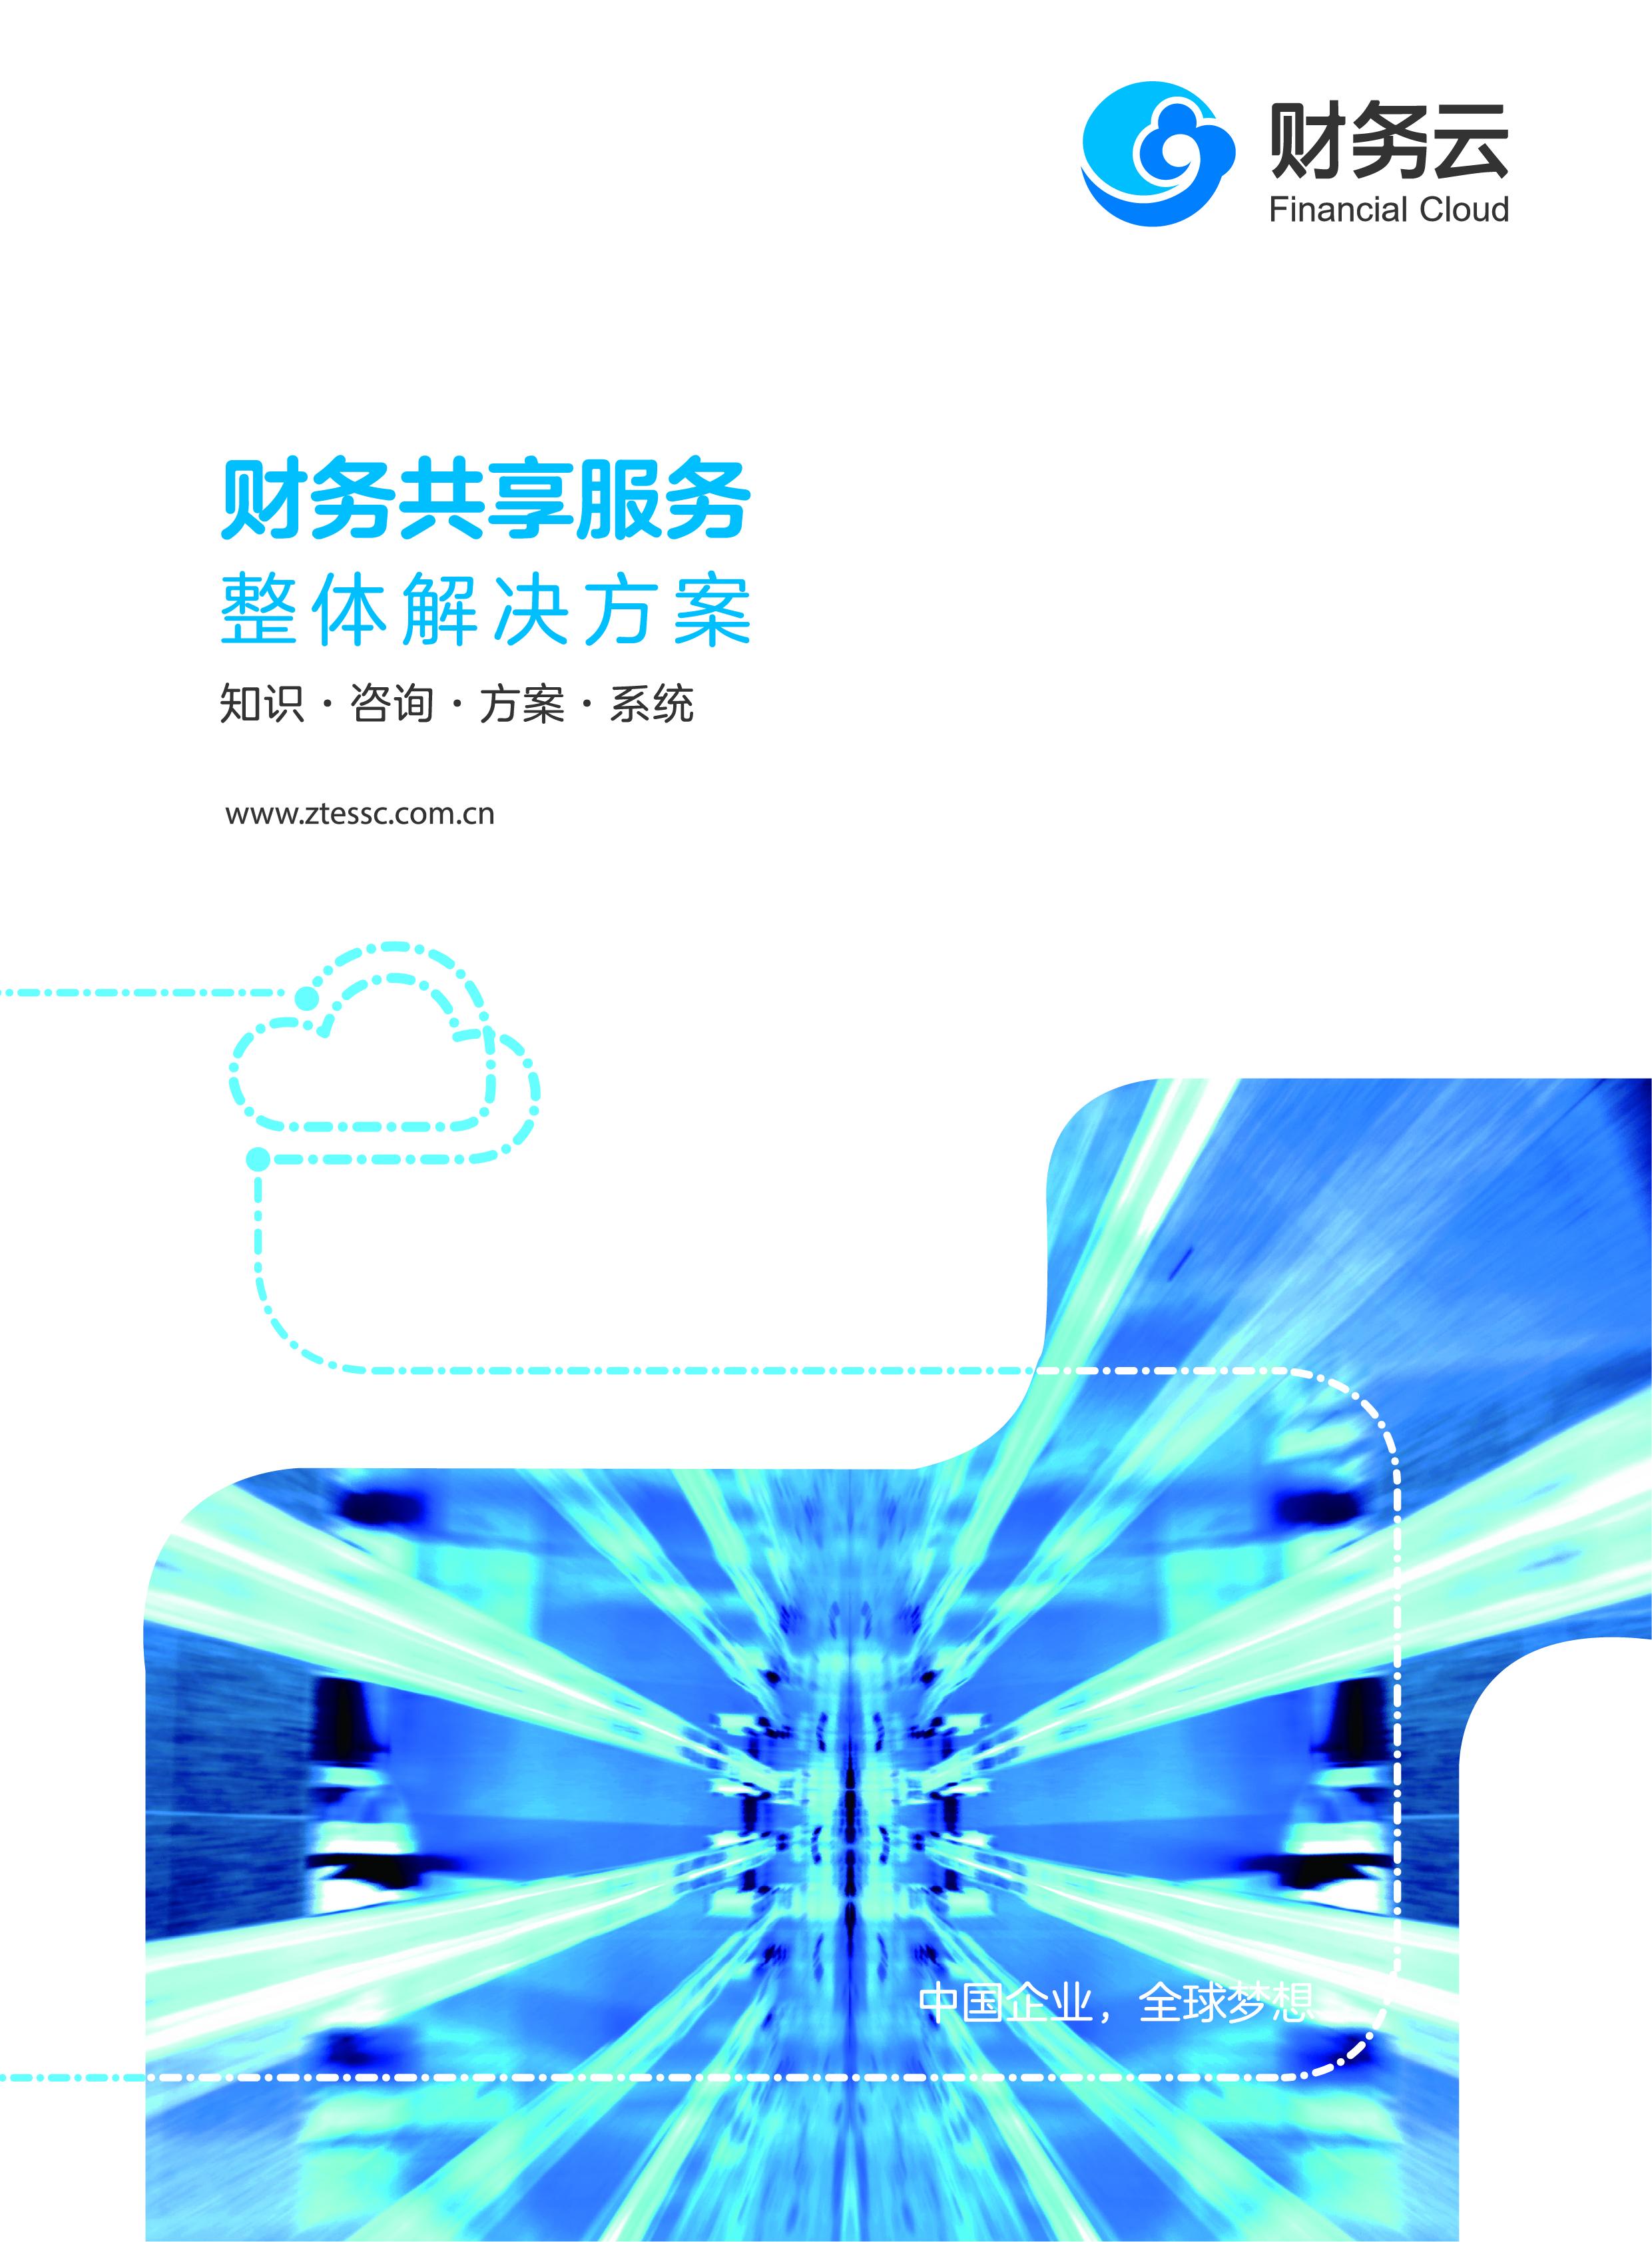 【中兴新云】财务共享整体解决方案 - 电子阅读版 1905转曲 - 原本-01.jpg